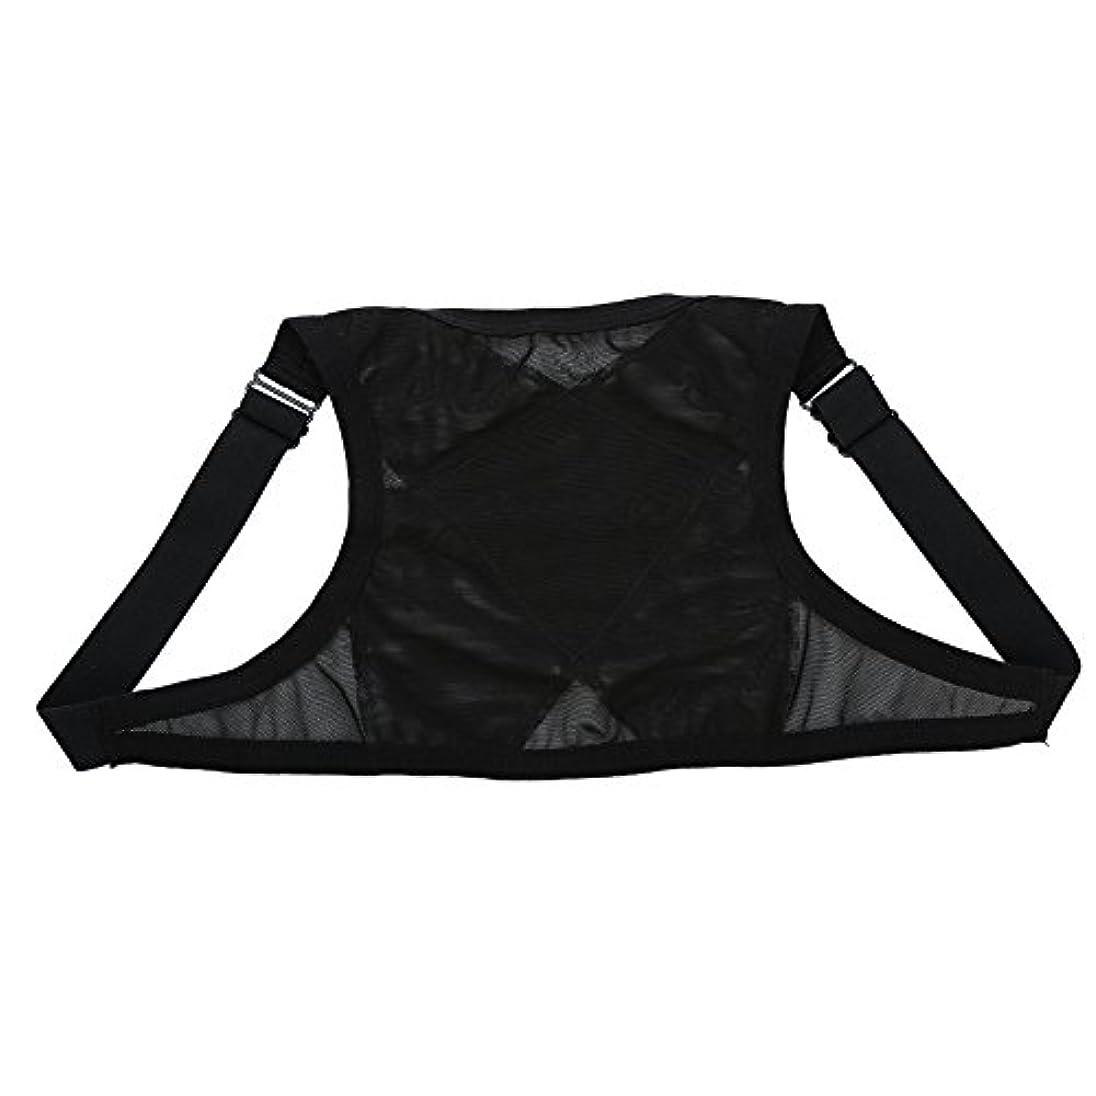 主流勇気のあるパイプライン姿勢矯正具、整形外科用矯正具、肩の体位の矯正、整形外科用こぶの軽減のための包帯矯正具、青年用(M)